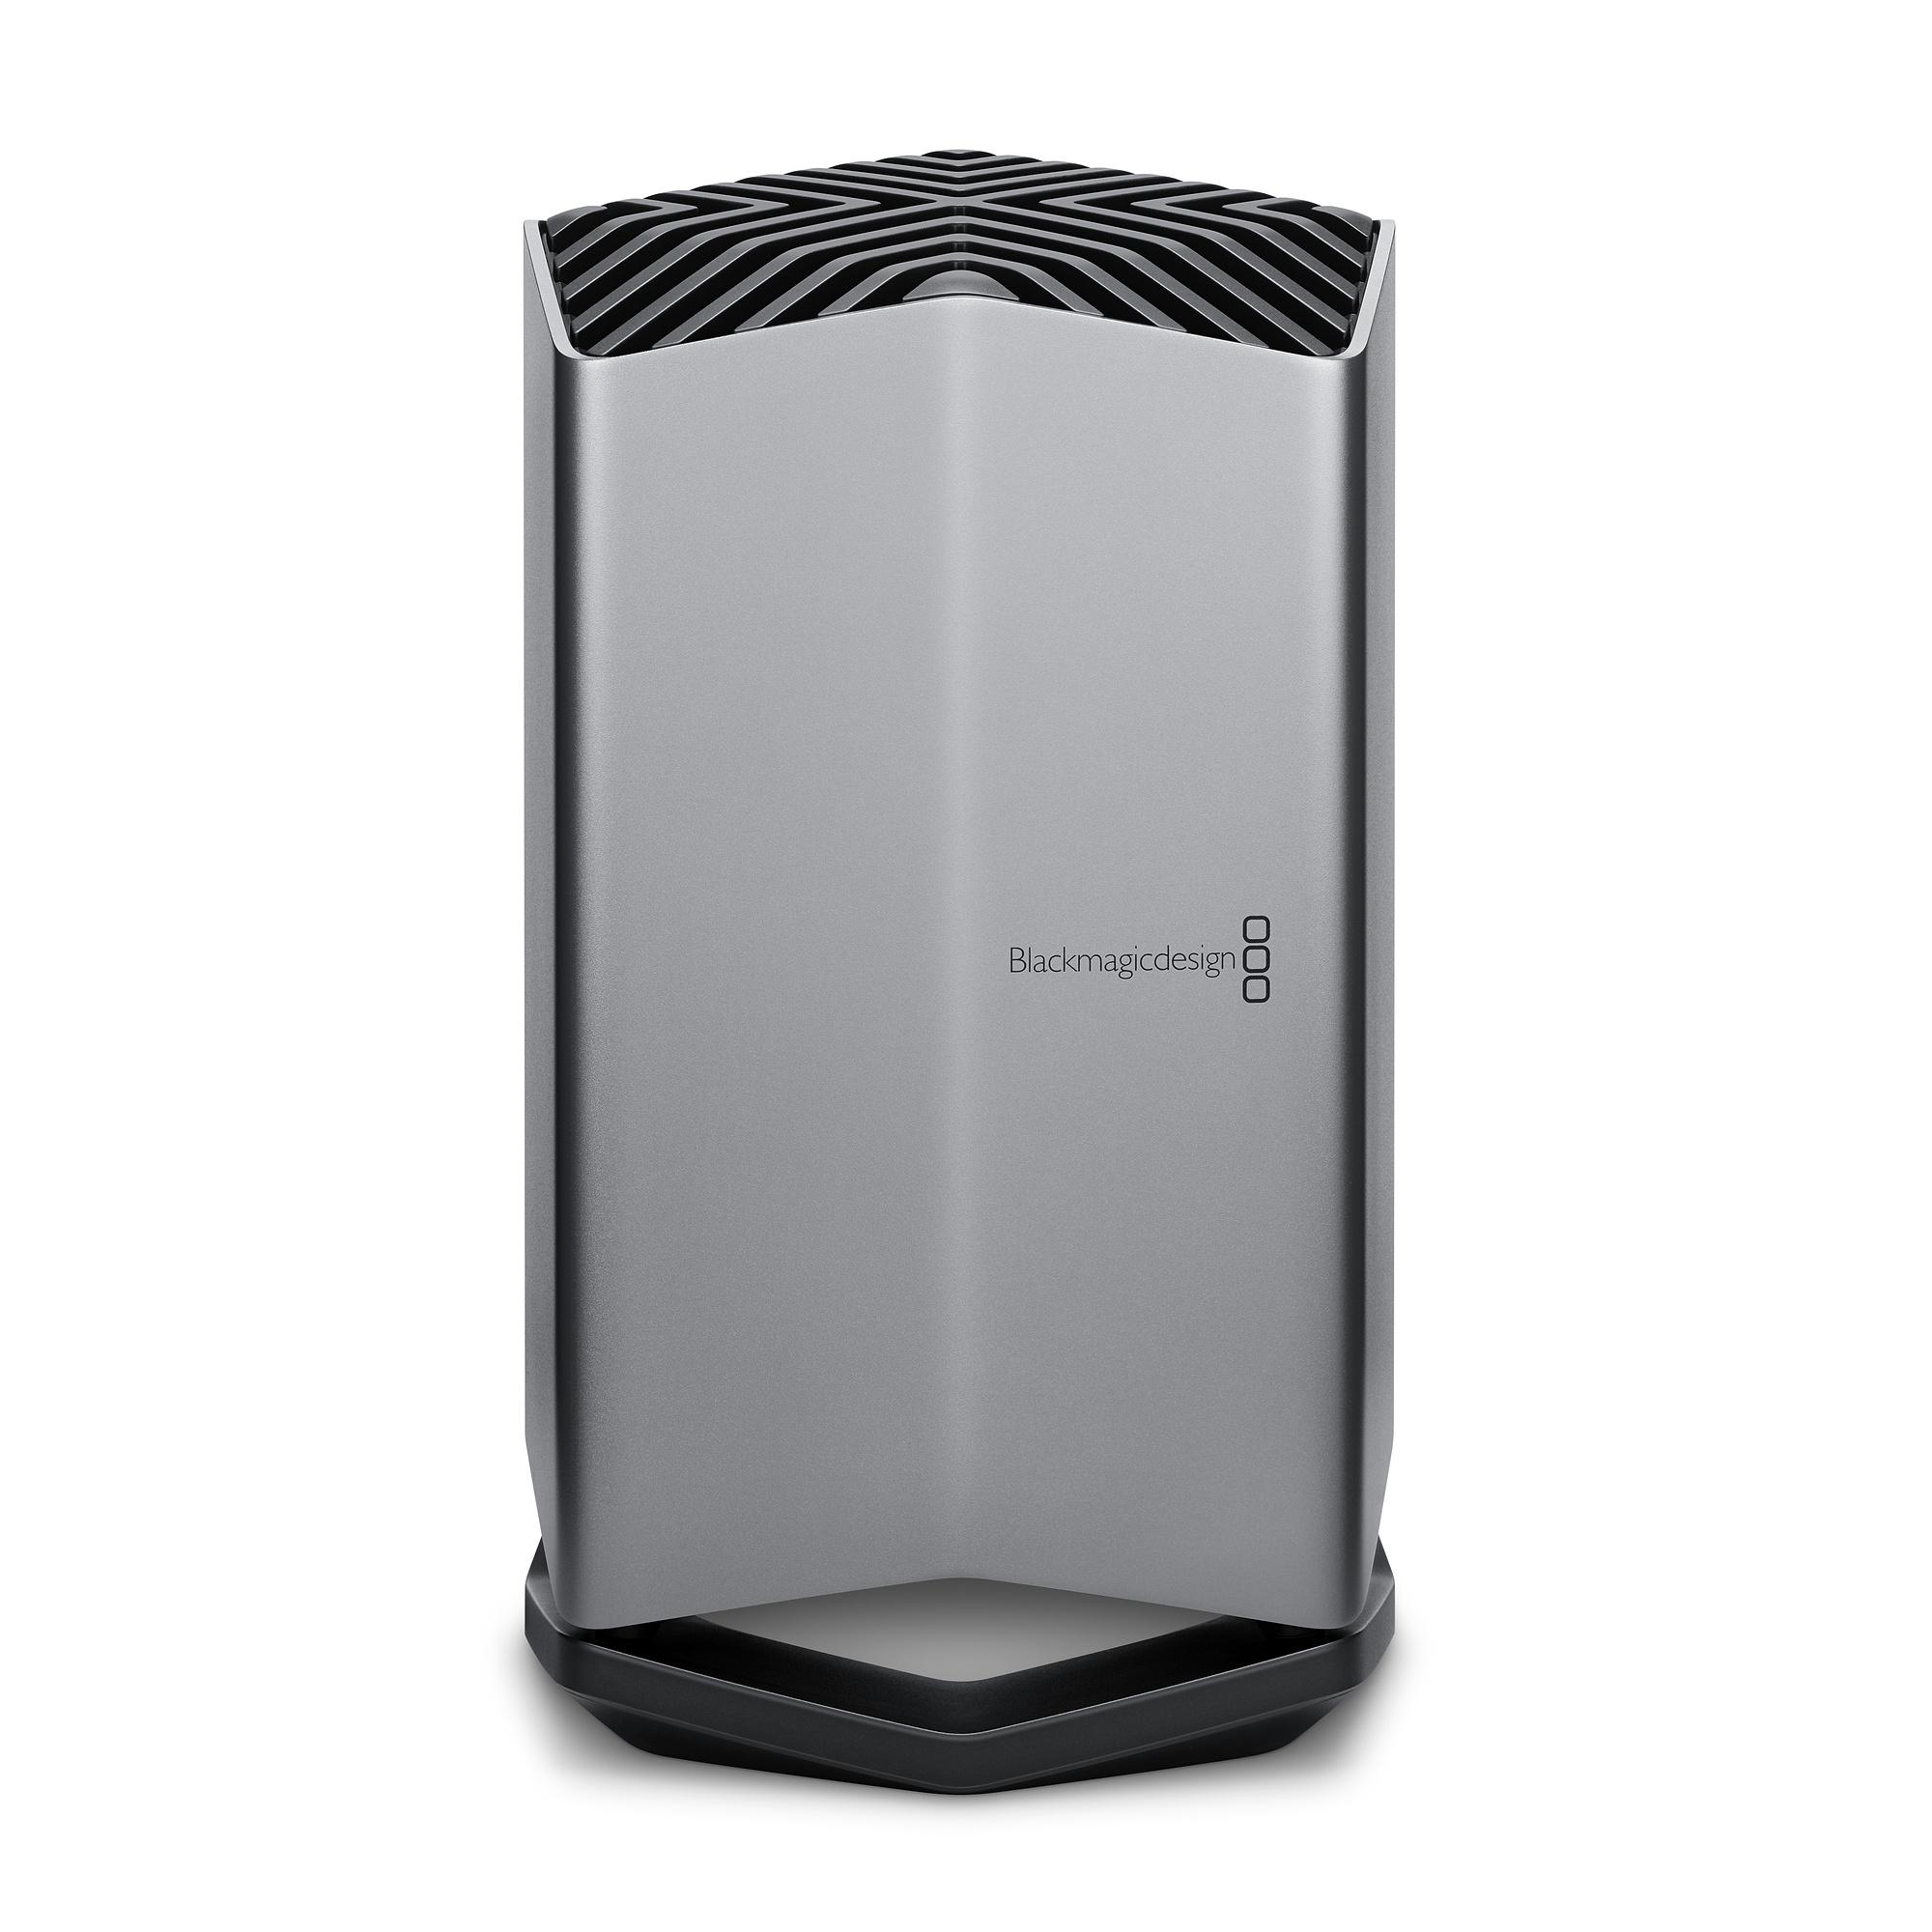 Blackmagic eGPU Pro: Giá gấp đôi, sử dụng Radeon RX Vega 56